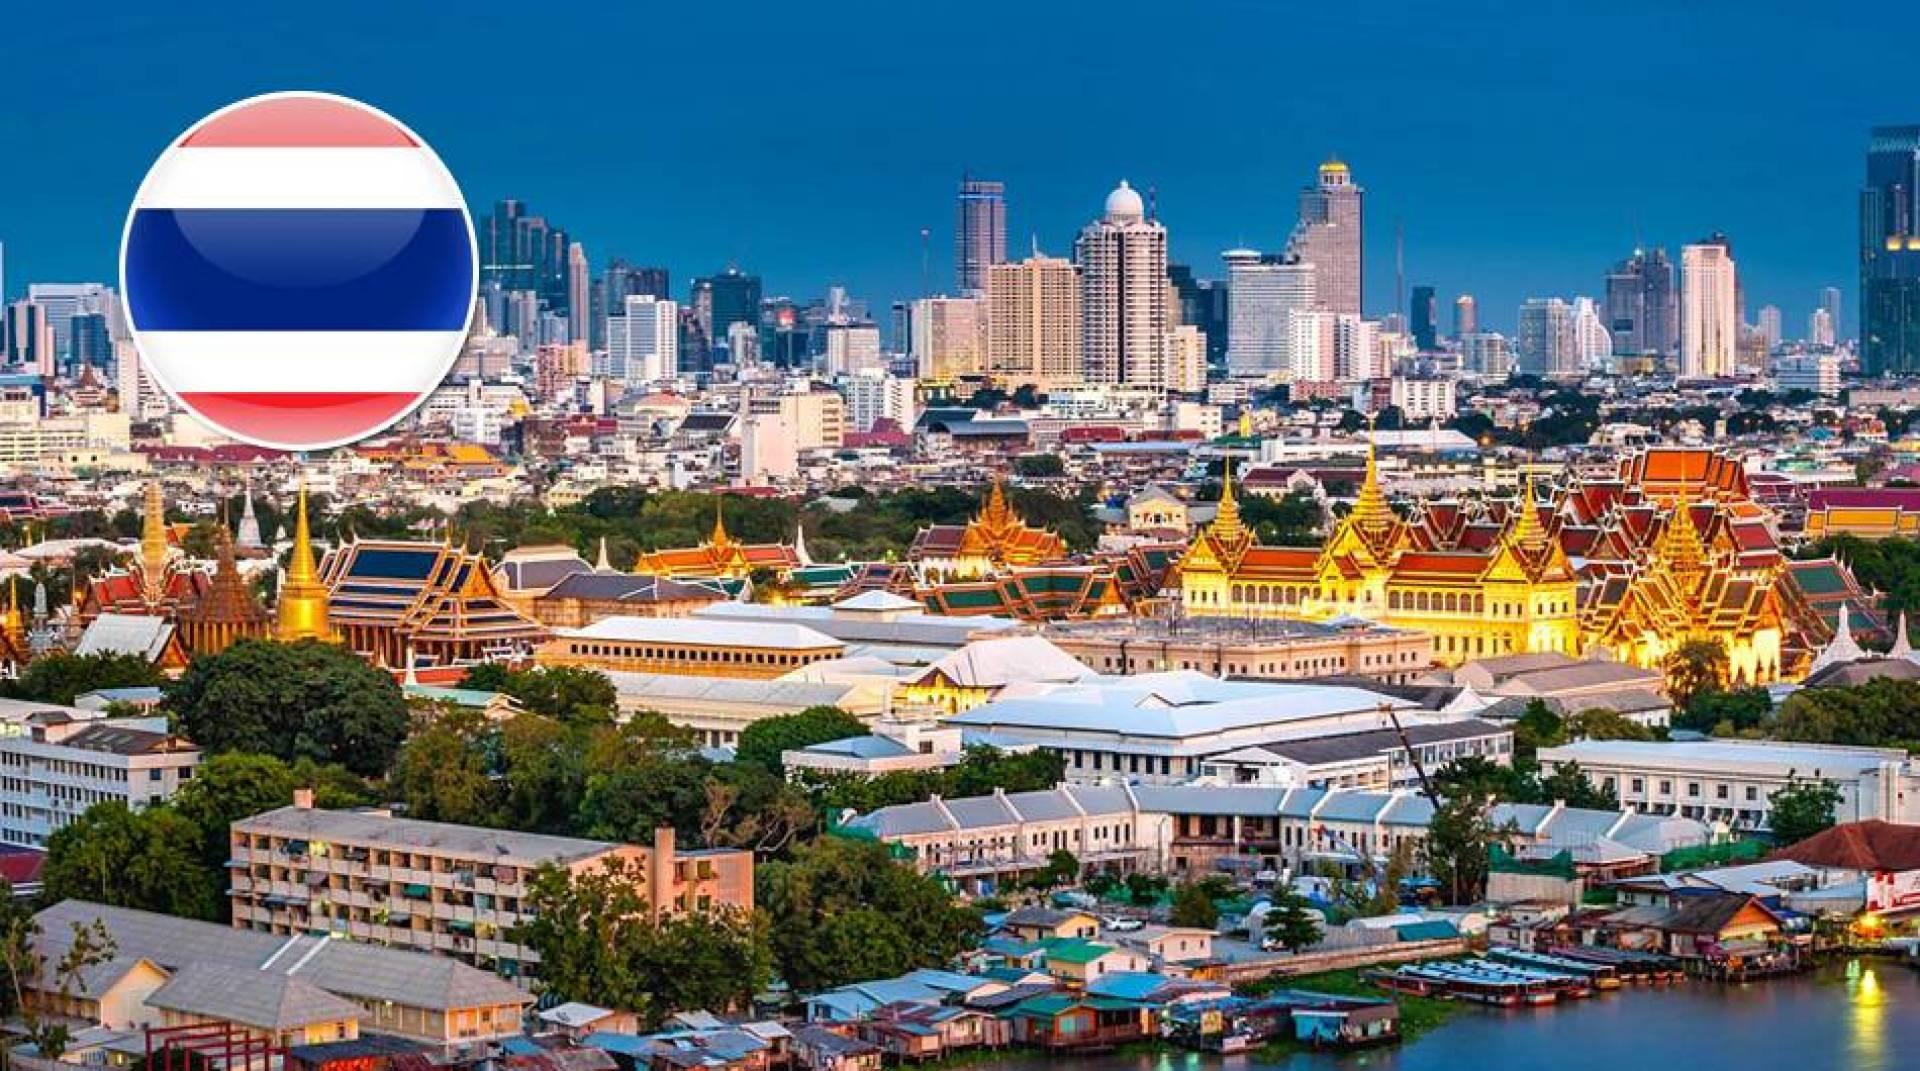 تايلاند تستعد لاستقبال السياح لأول مرة منذ 5 أشهر